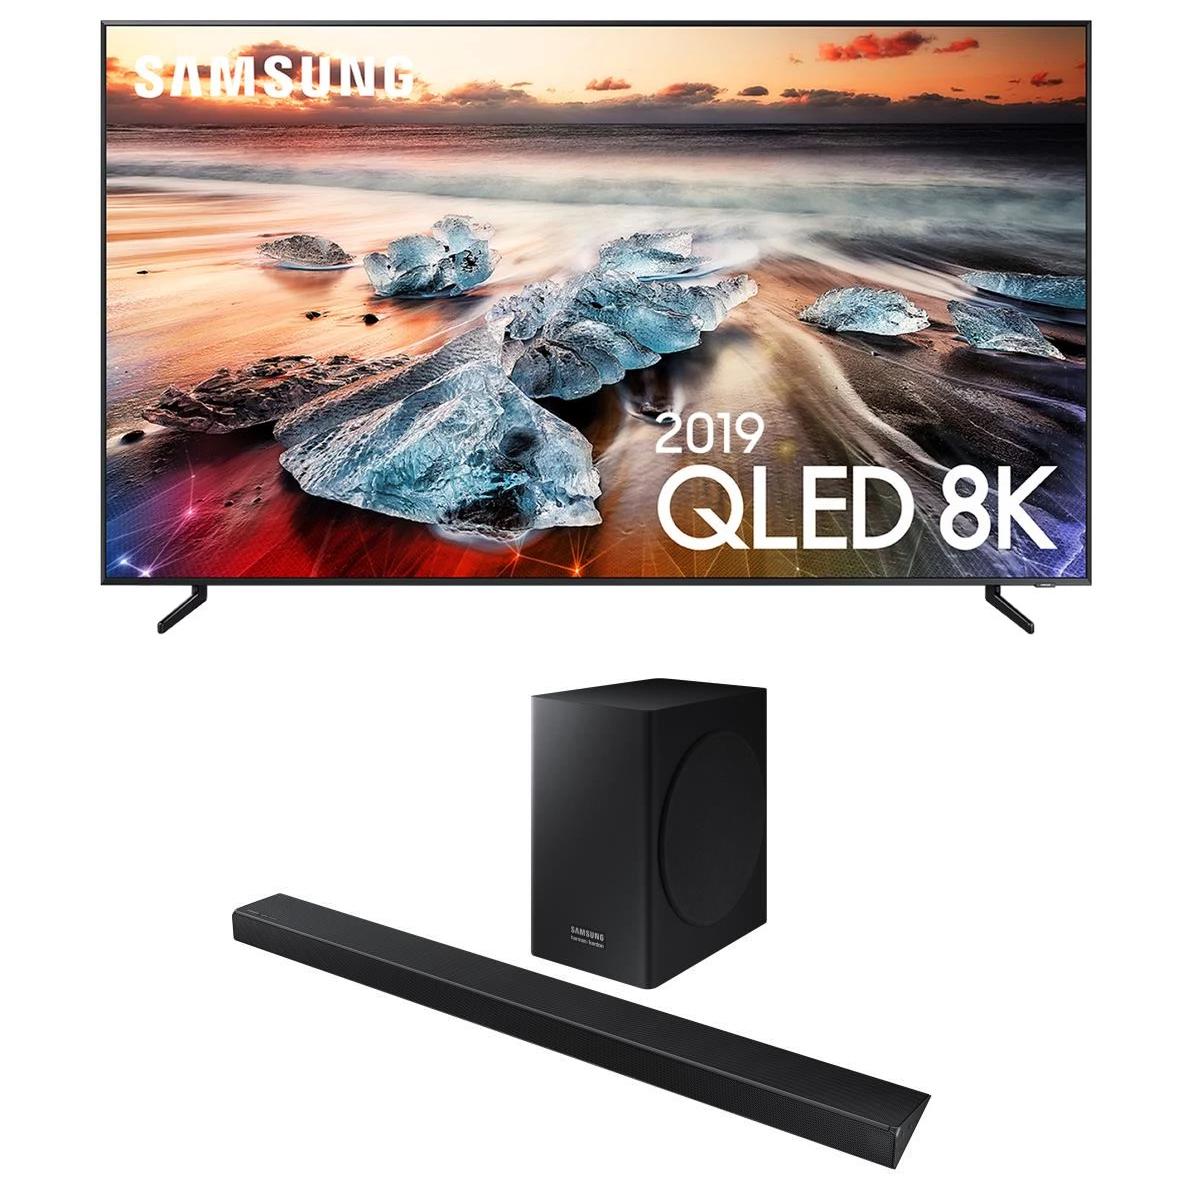 """TV QLED 55"""" Samsung QE55Q950R 2019 (QLED, 8K, Q HDR 3000, 100 Hz, 4300 PQI, Smart TV) + Barre de son HW-Q60R/ZF (Via ODR de 1000€ + 200€)"""